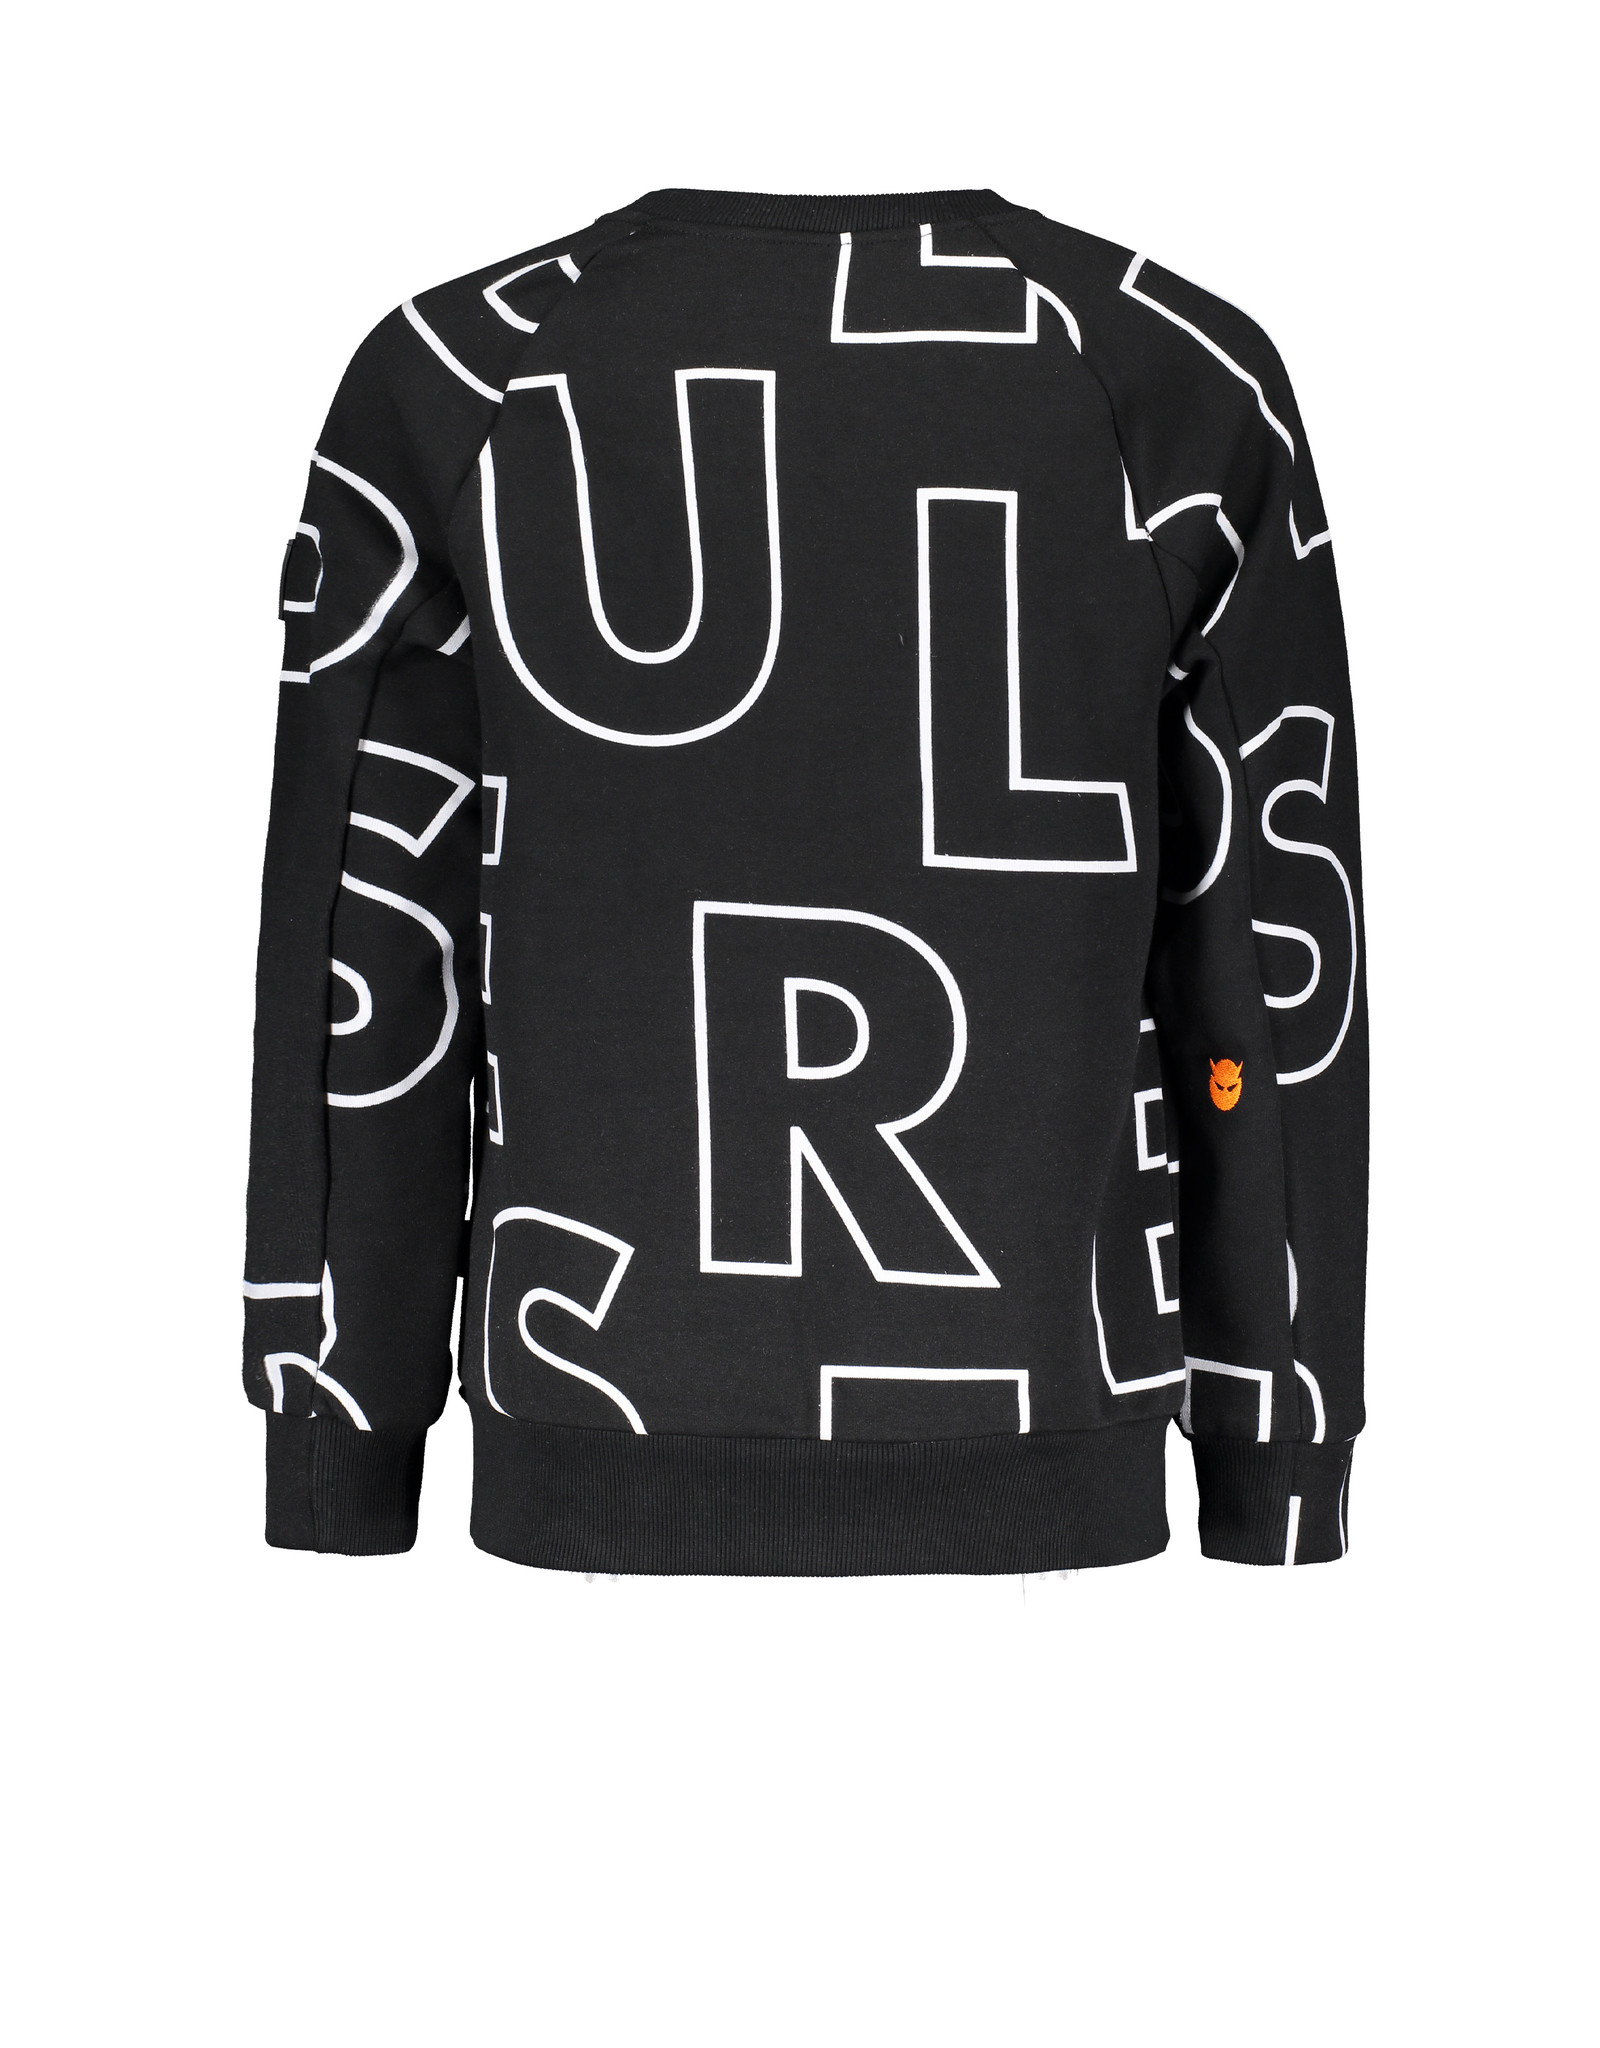 Super Rebel Super Rebel Round neck Sweater Raglan TEXT WHITE